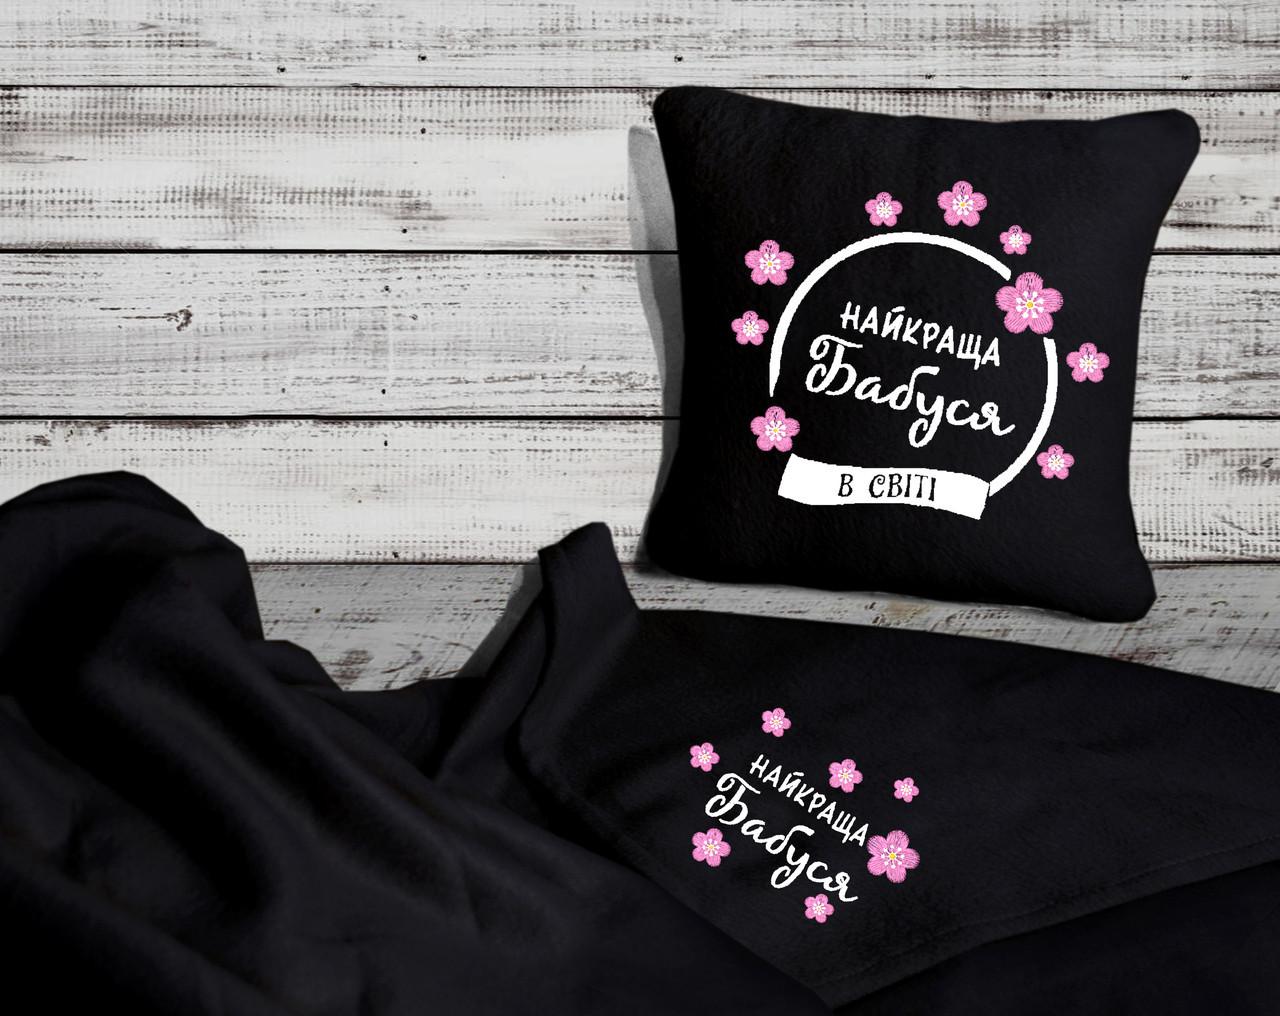 """Набор: подушка + плед """"Найкраща бабуся"""" 13 цвет черный"""